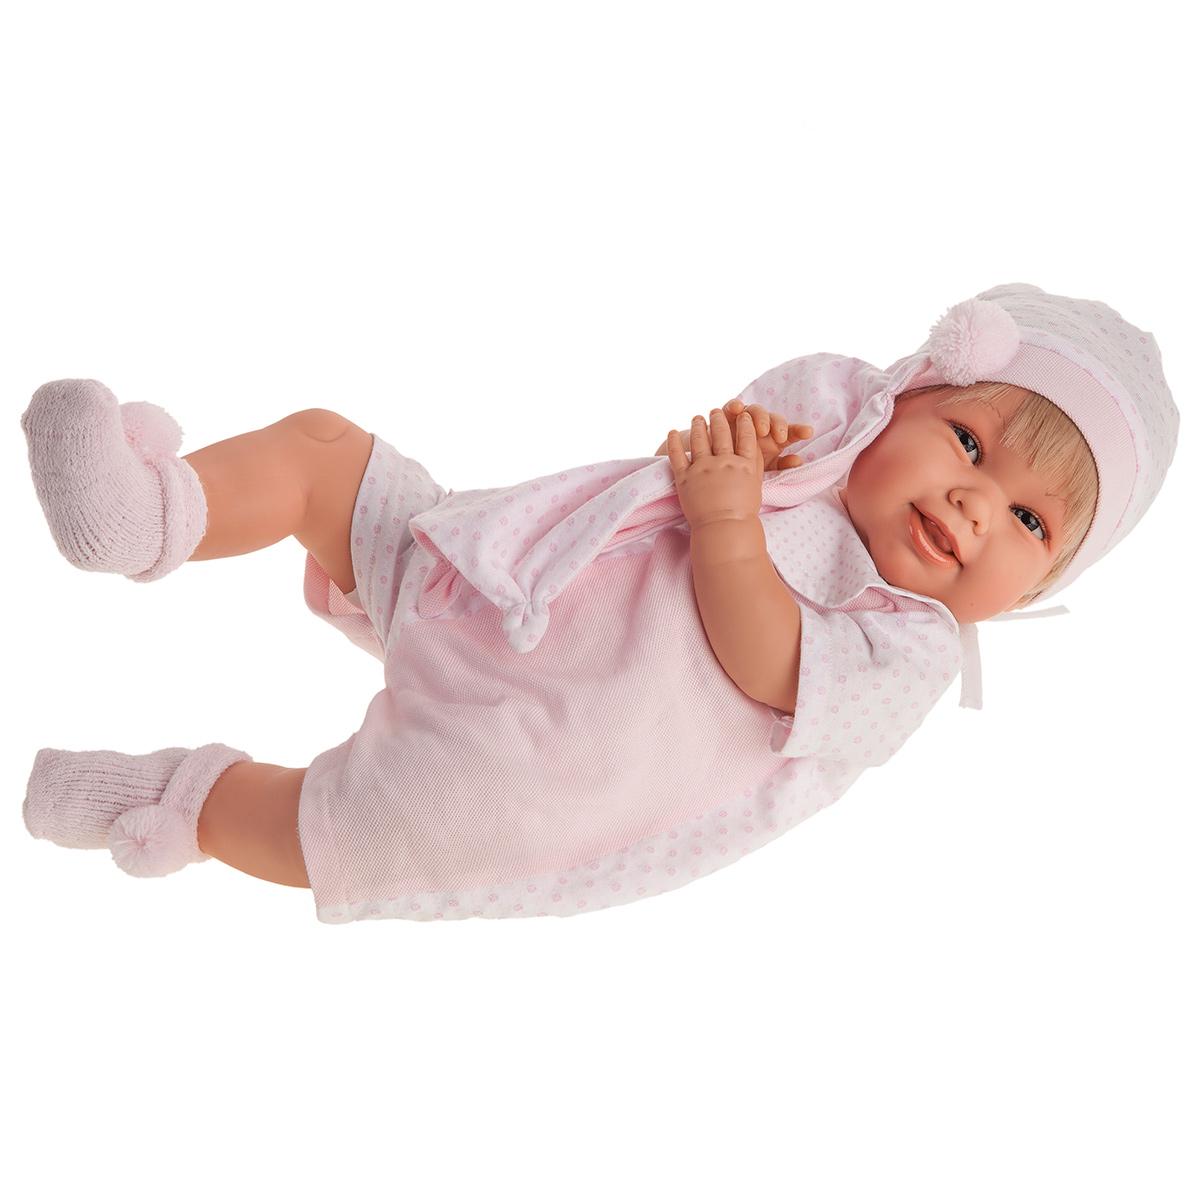 Купить 2000 Кукла Мартина в розовом, озвученная (мама, папа, смех), 52 см, Antonio Juan,